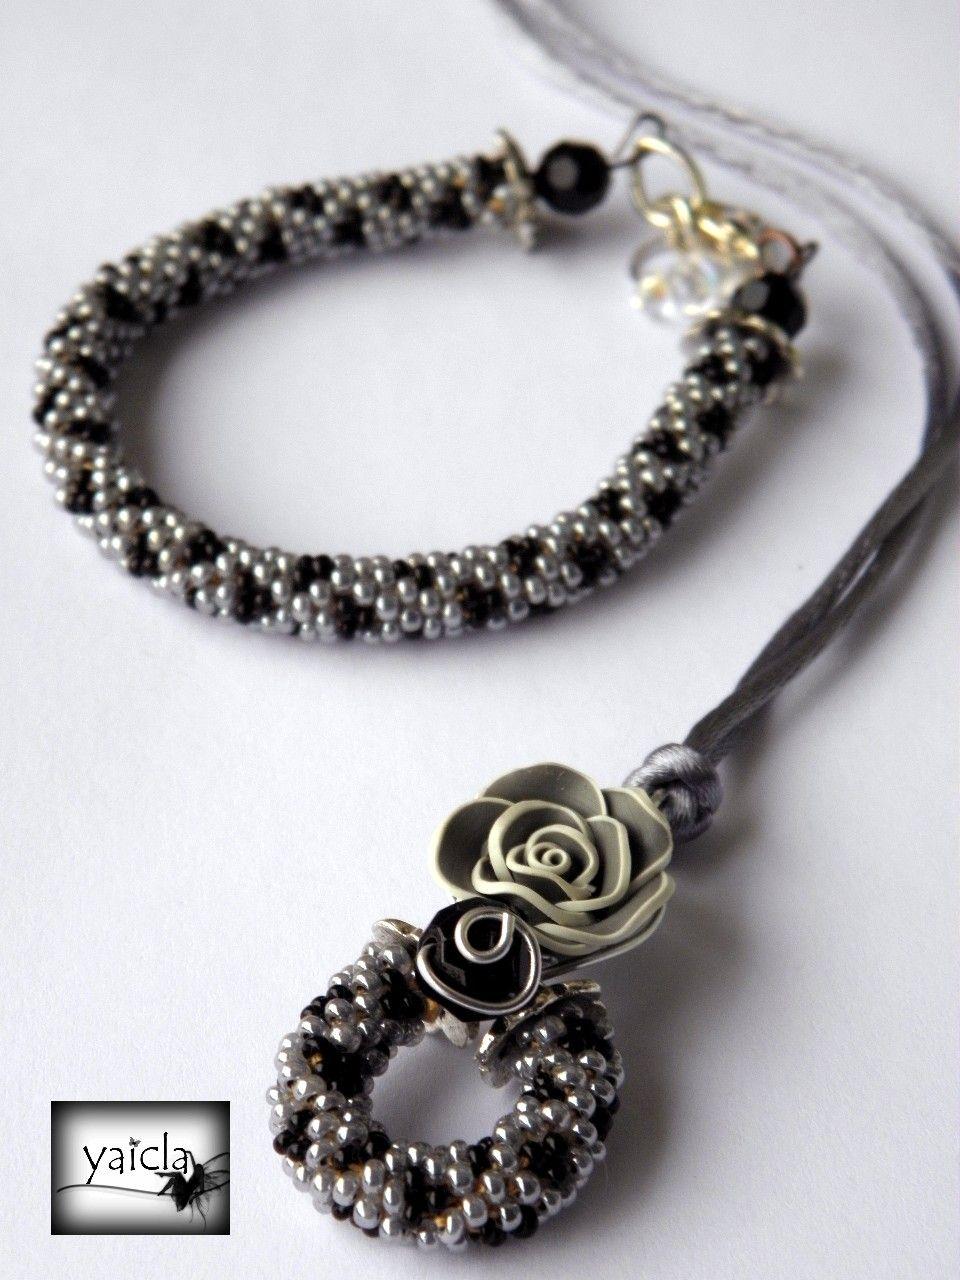 conjunto de colgante y pulsera en tonos negros y grises